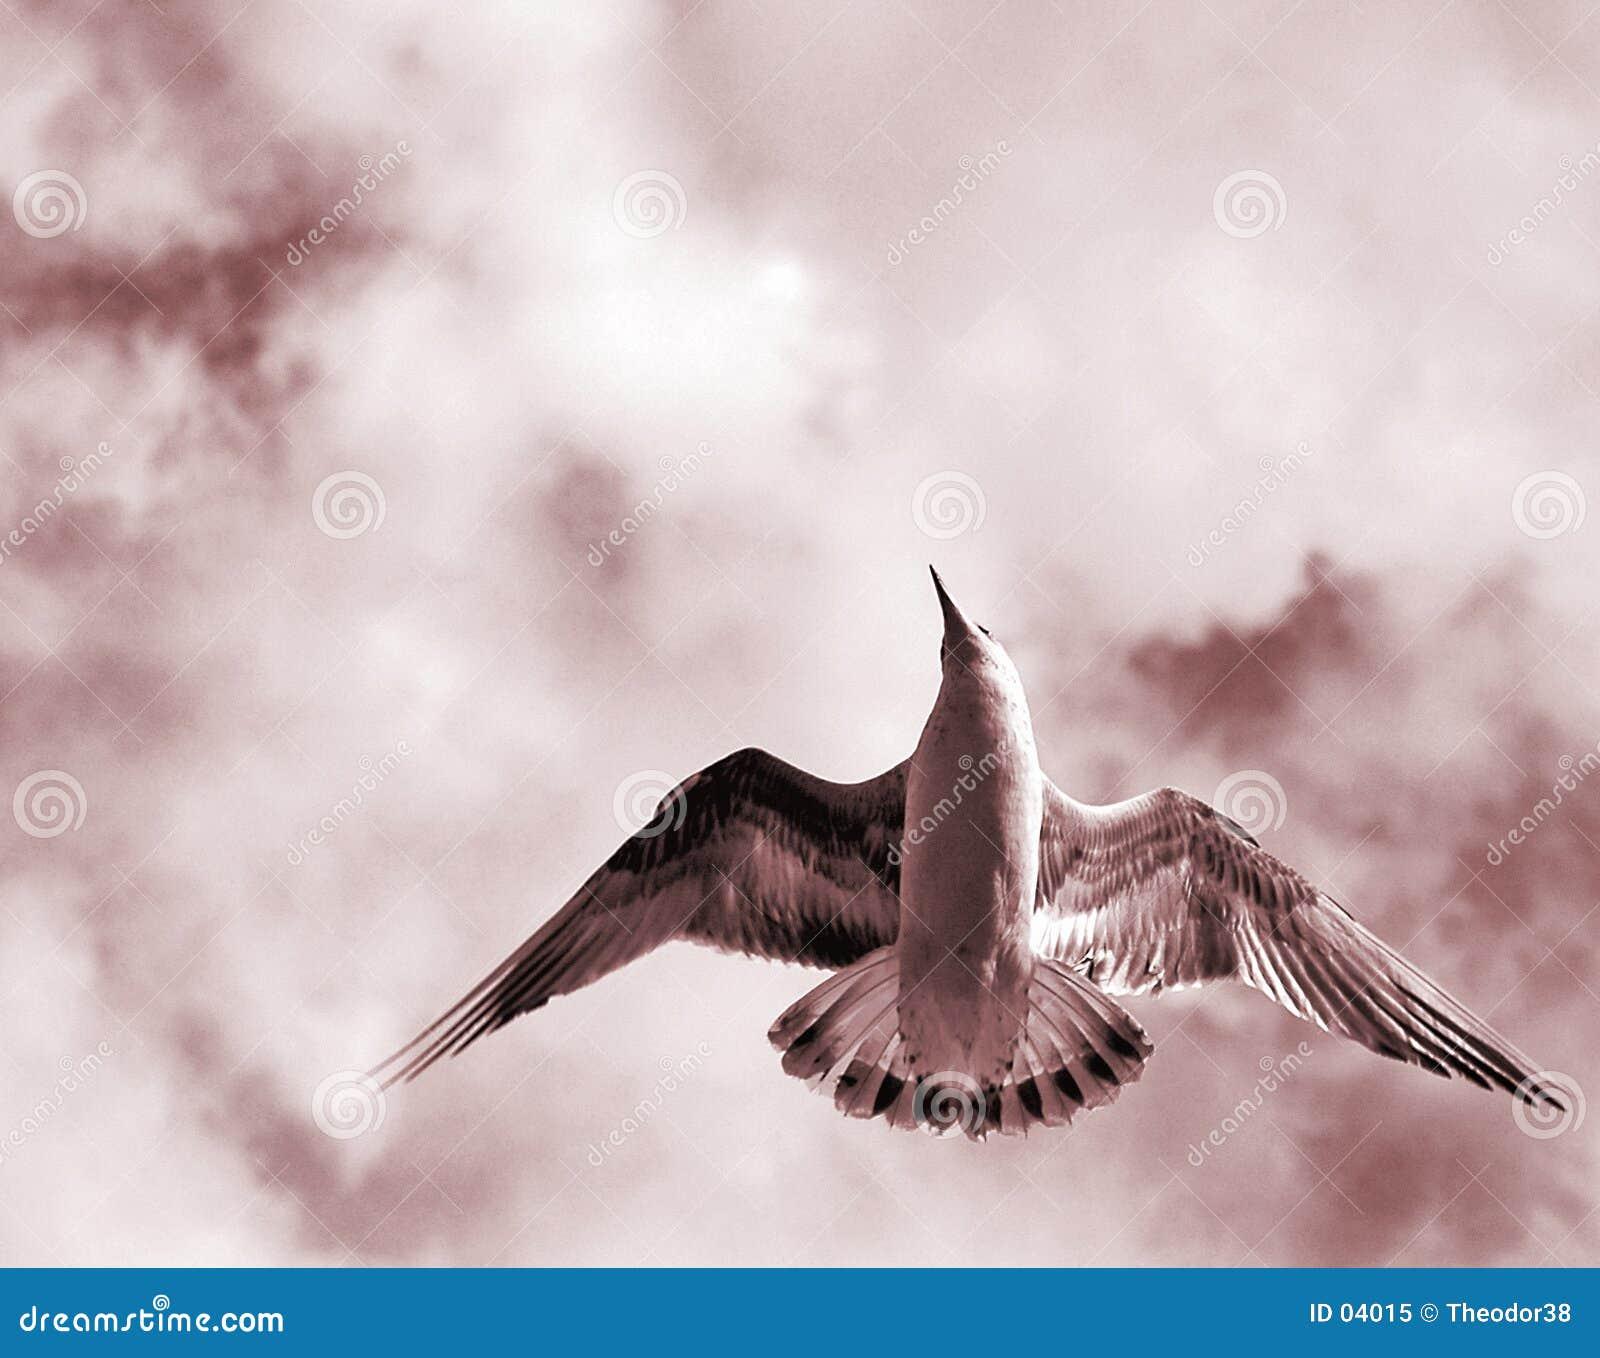 Pássaro com asas abertas